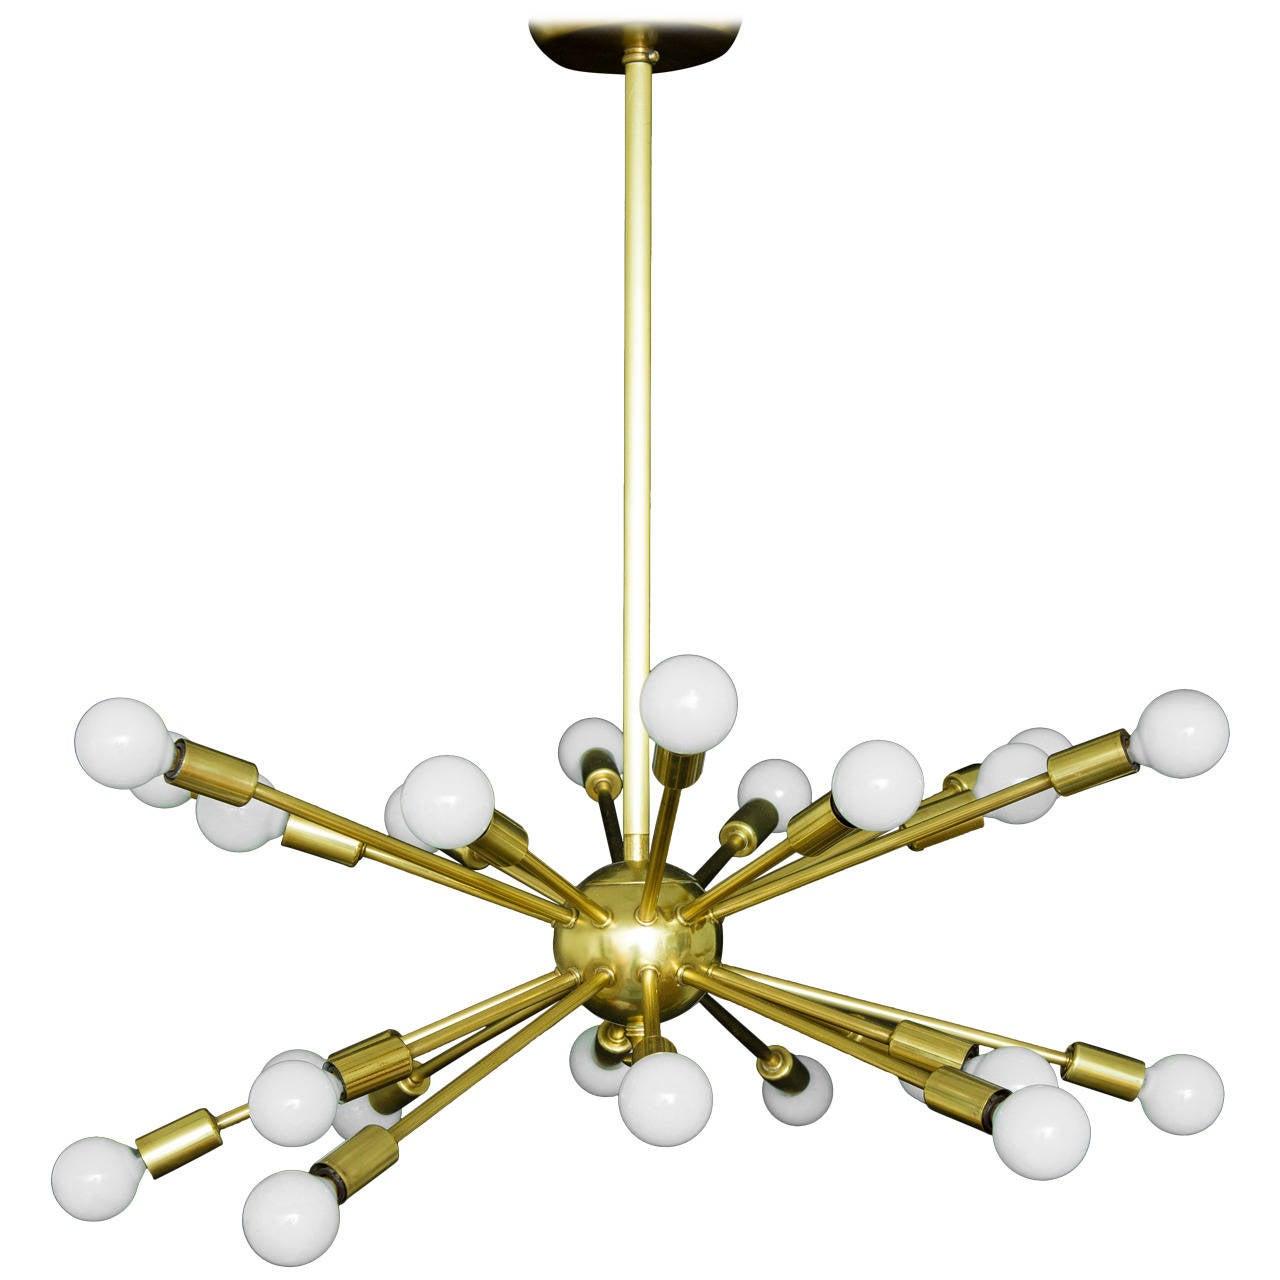 Brass sputnik 24 arm chandelier at 1stdibs for Sputnik chandelier